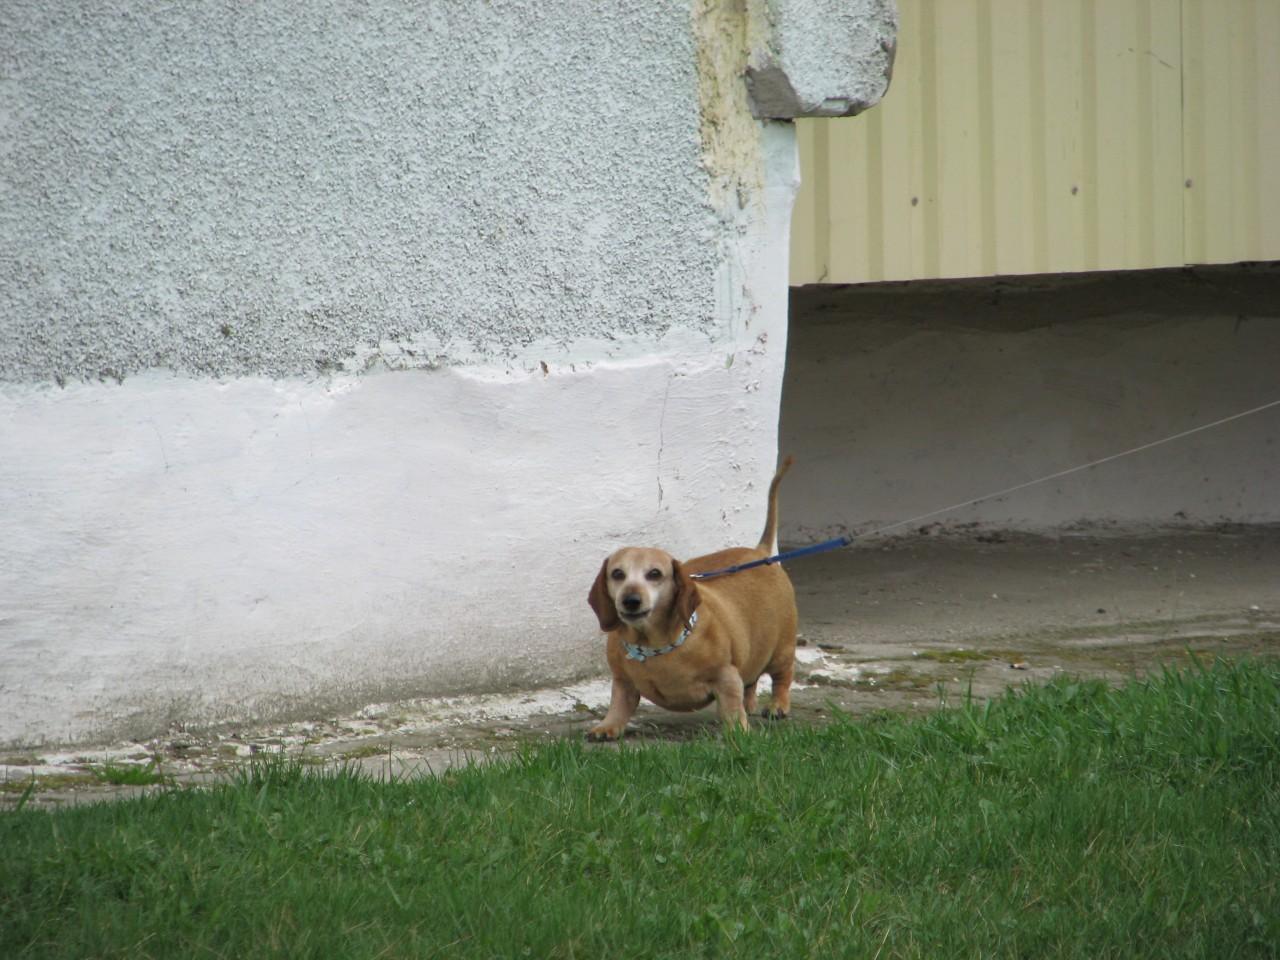 Домашние животные: Кто больше у того и больше прав